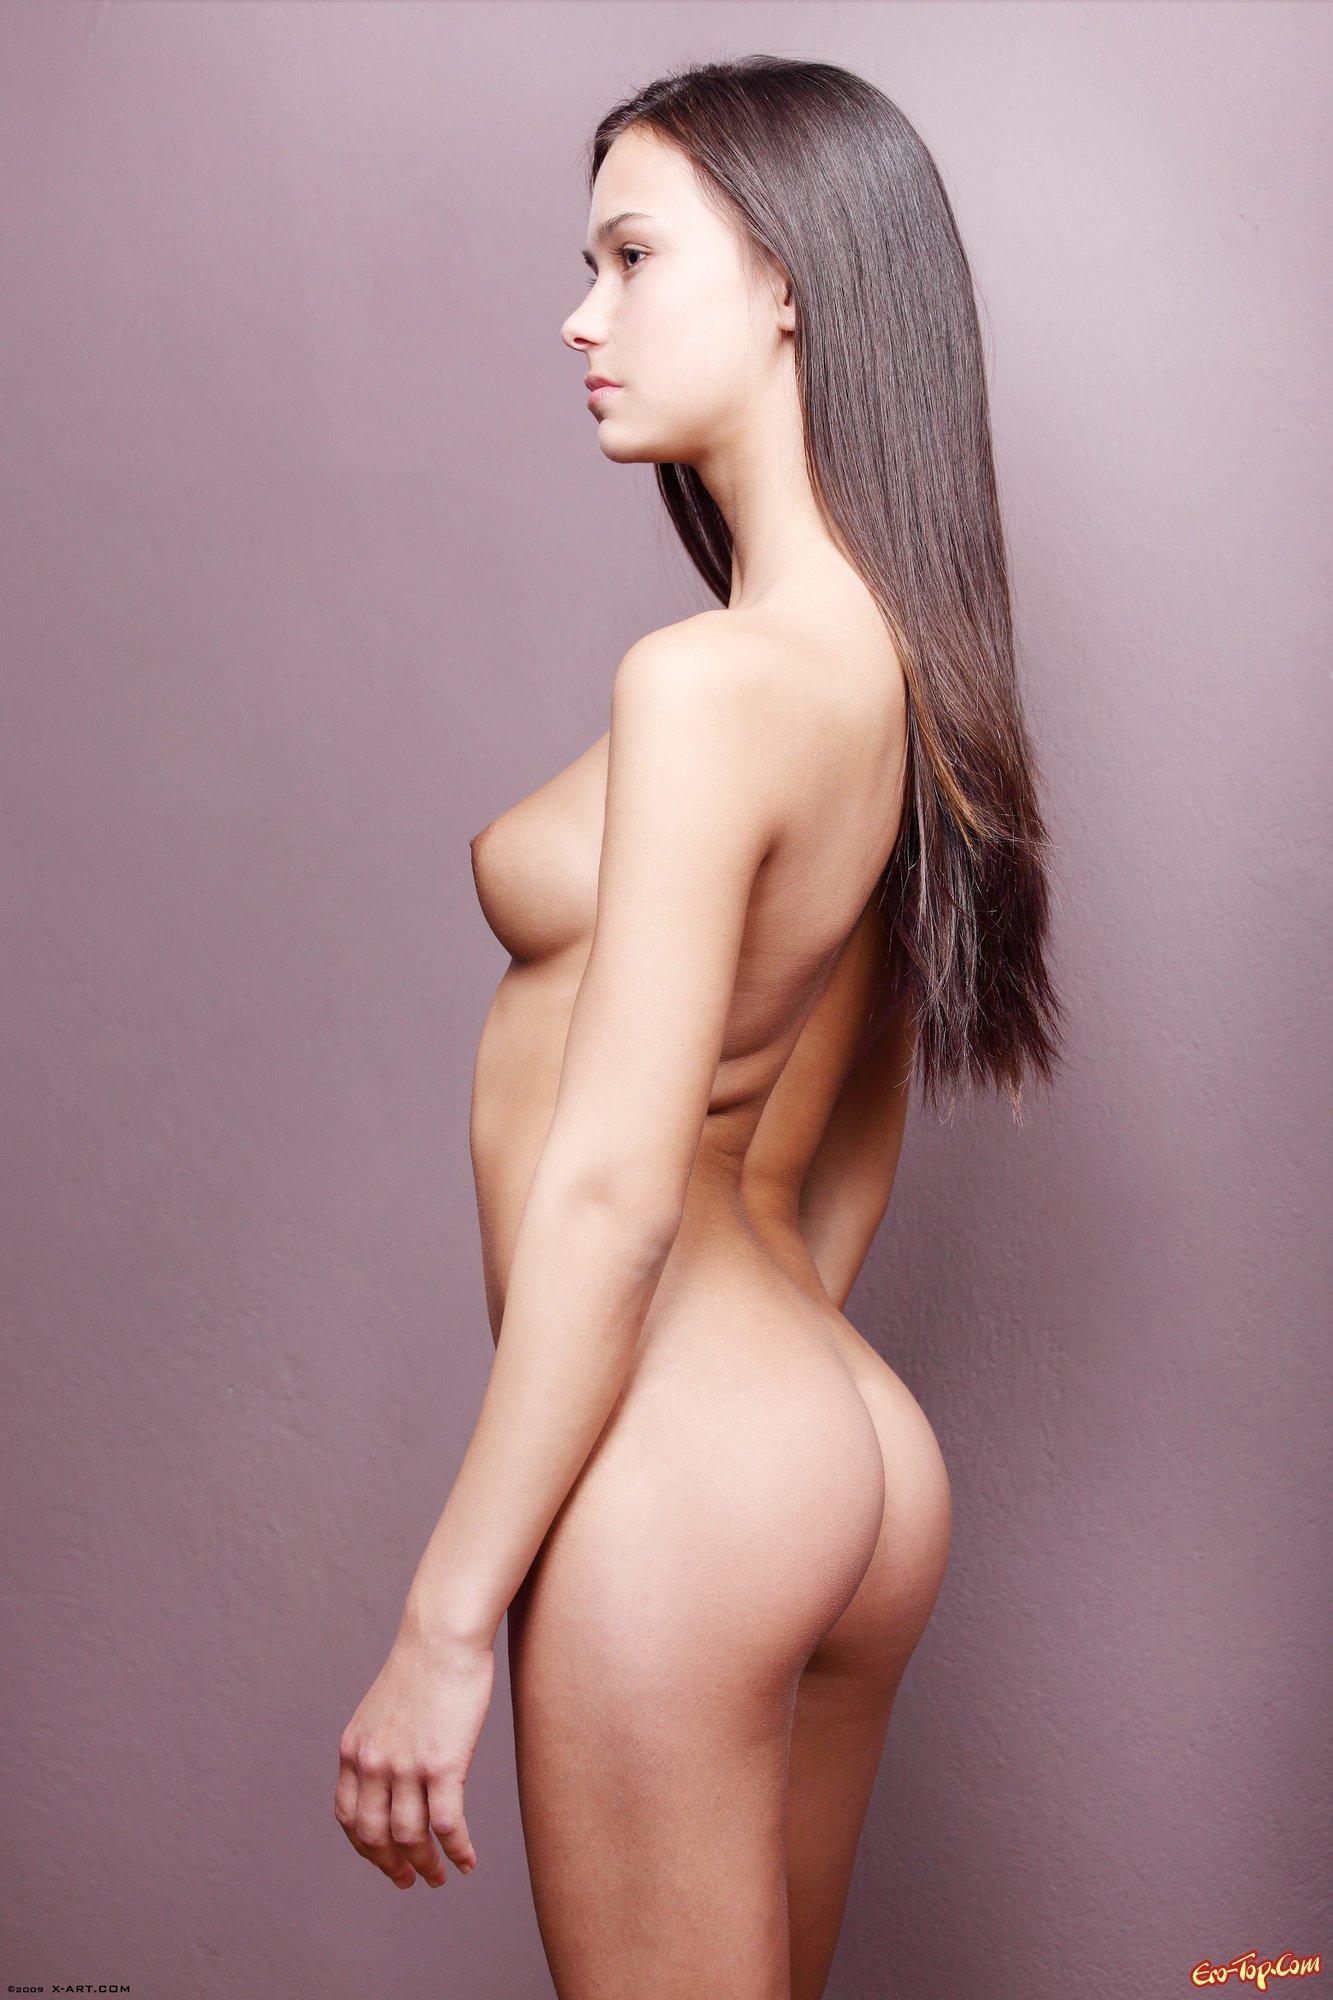 Юнная модель голая фото 5 фотография